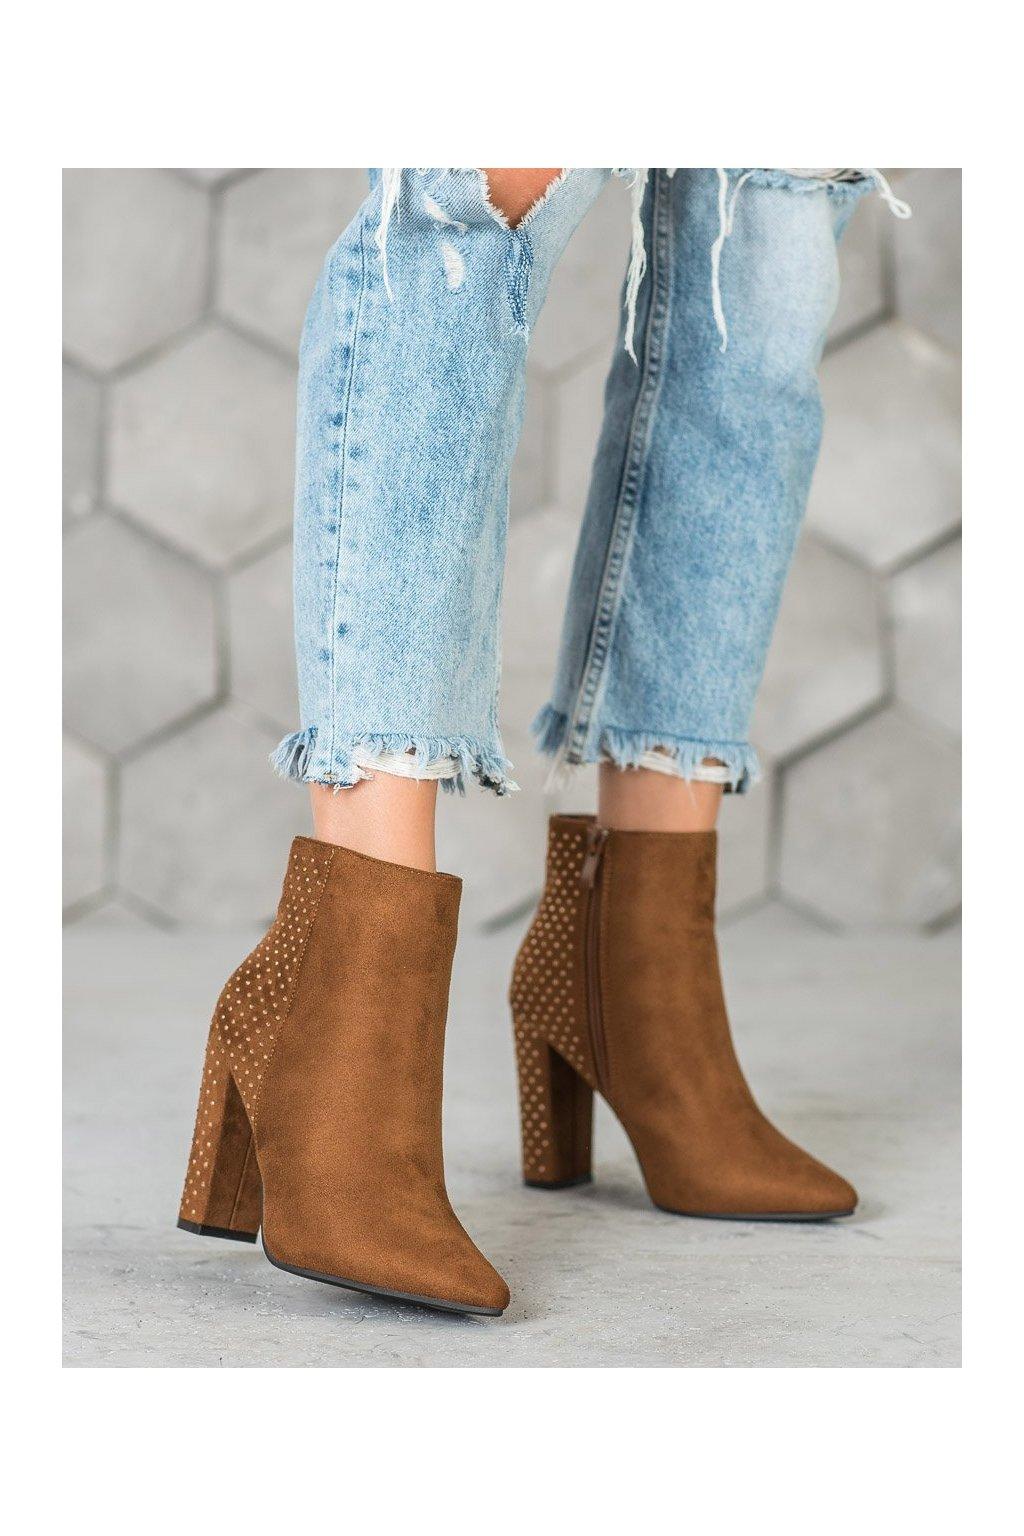 Hnedé dámske topánky Seastar kod NC899C